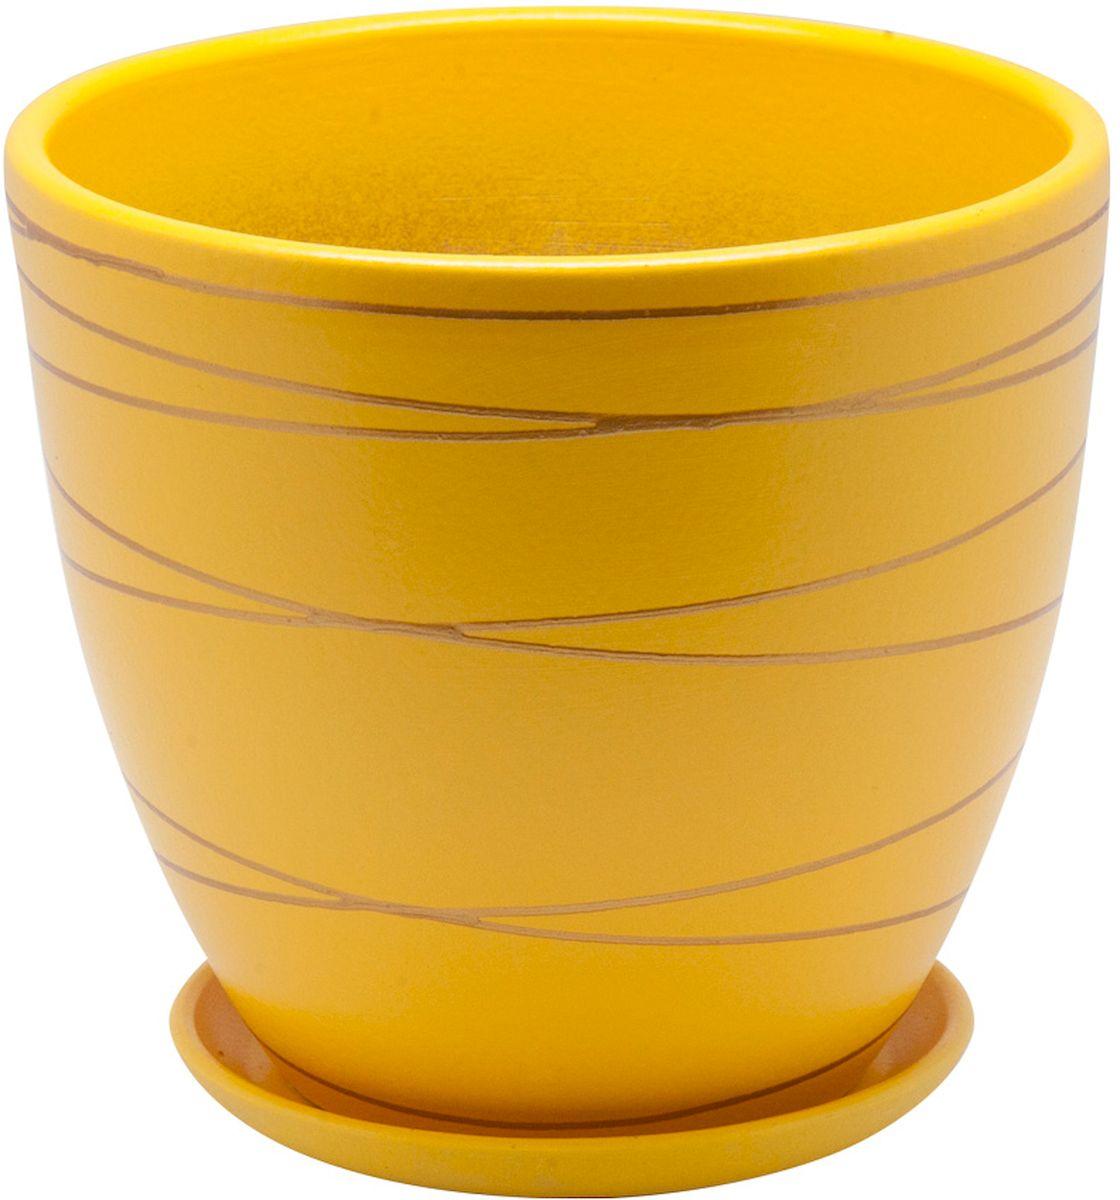 Горшок цветочный Engard, с поддоном, цвет: желтый, 1,4 л. BH-25-1BH-25-1Керамический горшок Engard - это идеальное решение для выращивания комнатных растений и создания изысканности в интерьере. Керамический горшок сделан из высококачественной глины в классической форме и оригинальном дизайне.Объем: 1,4 л.